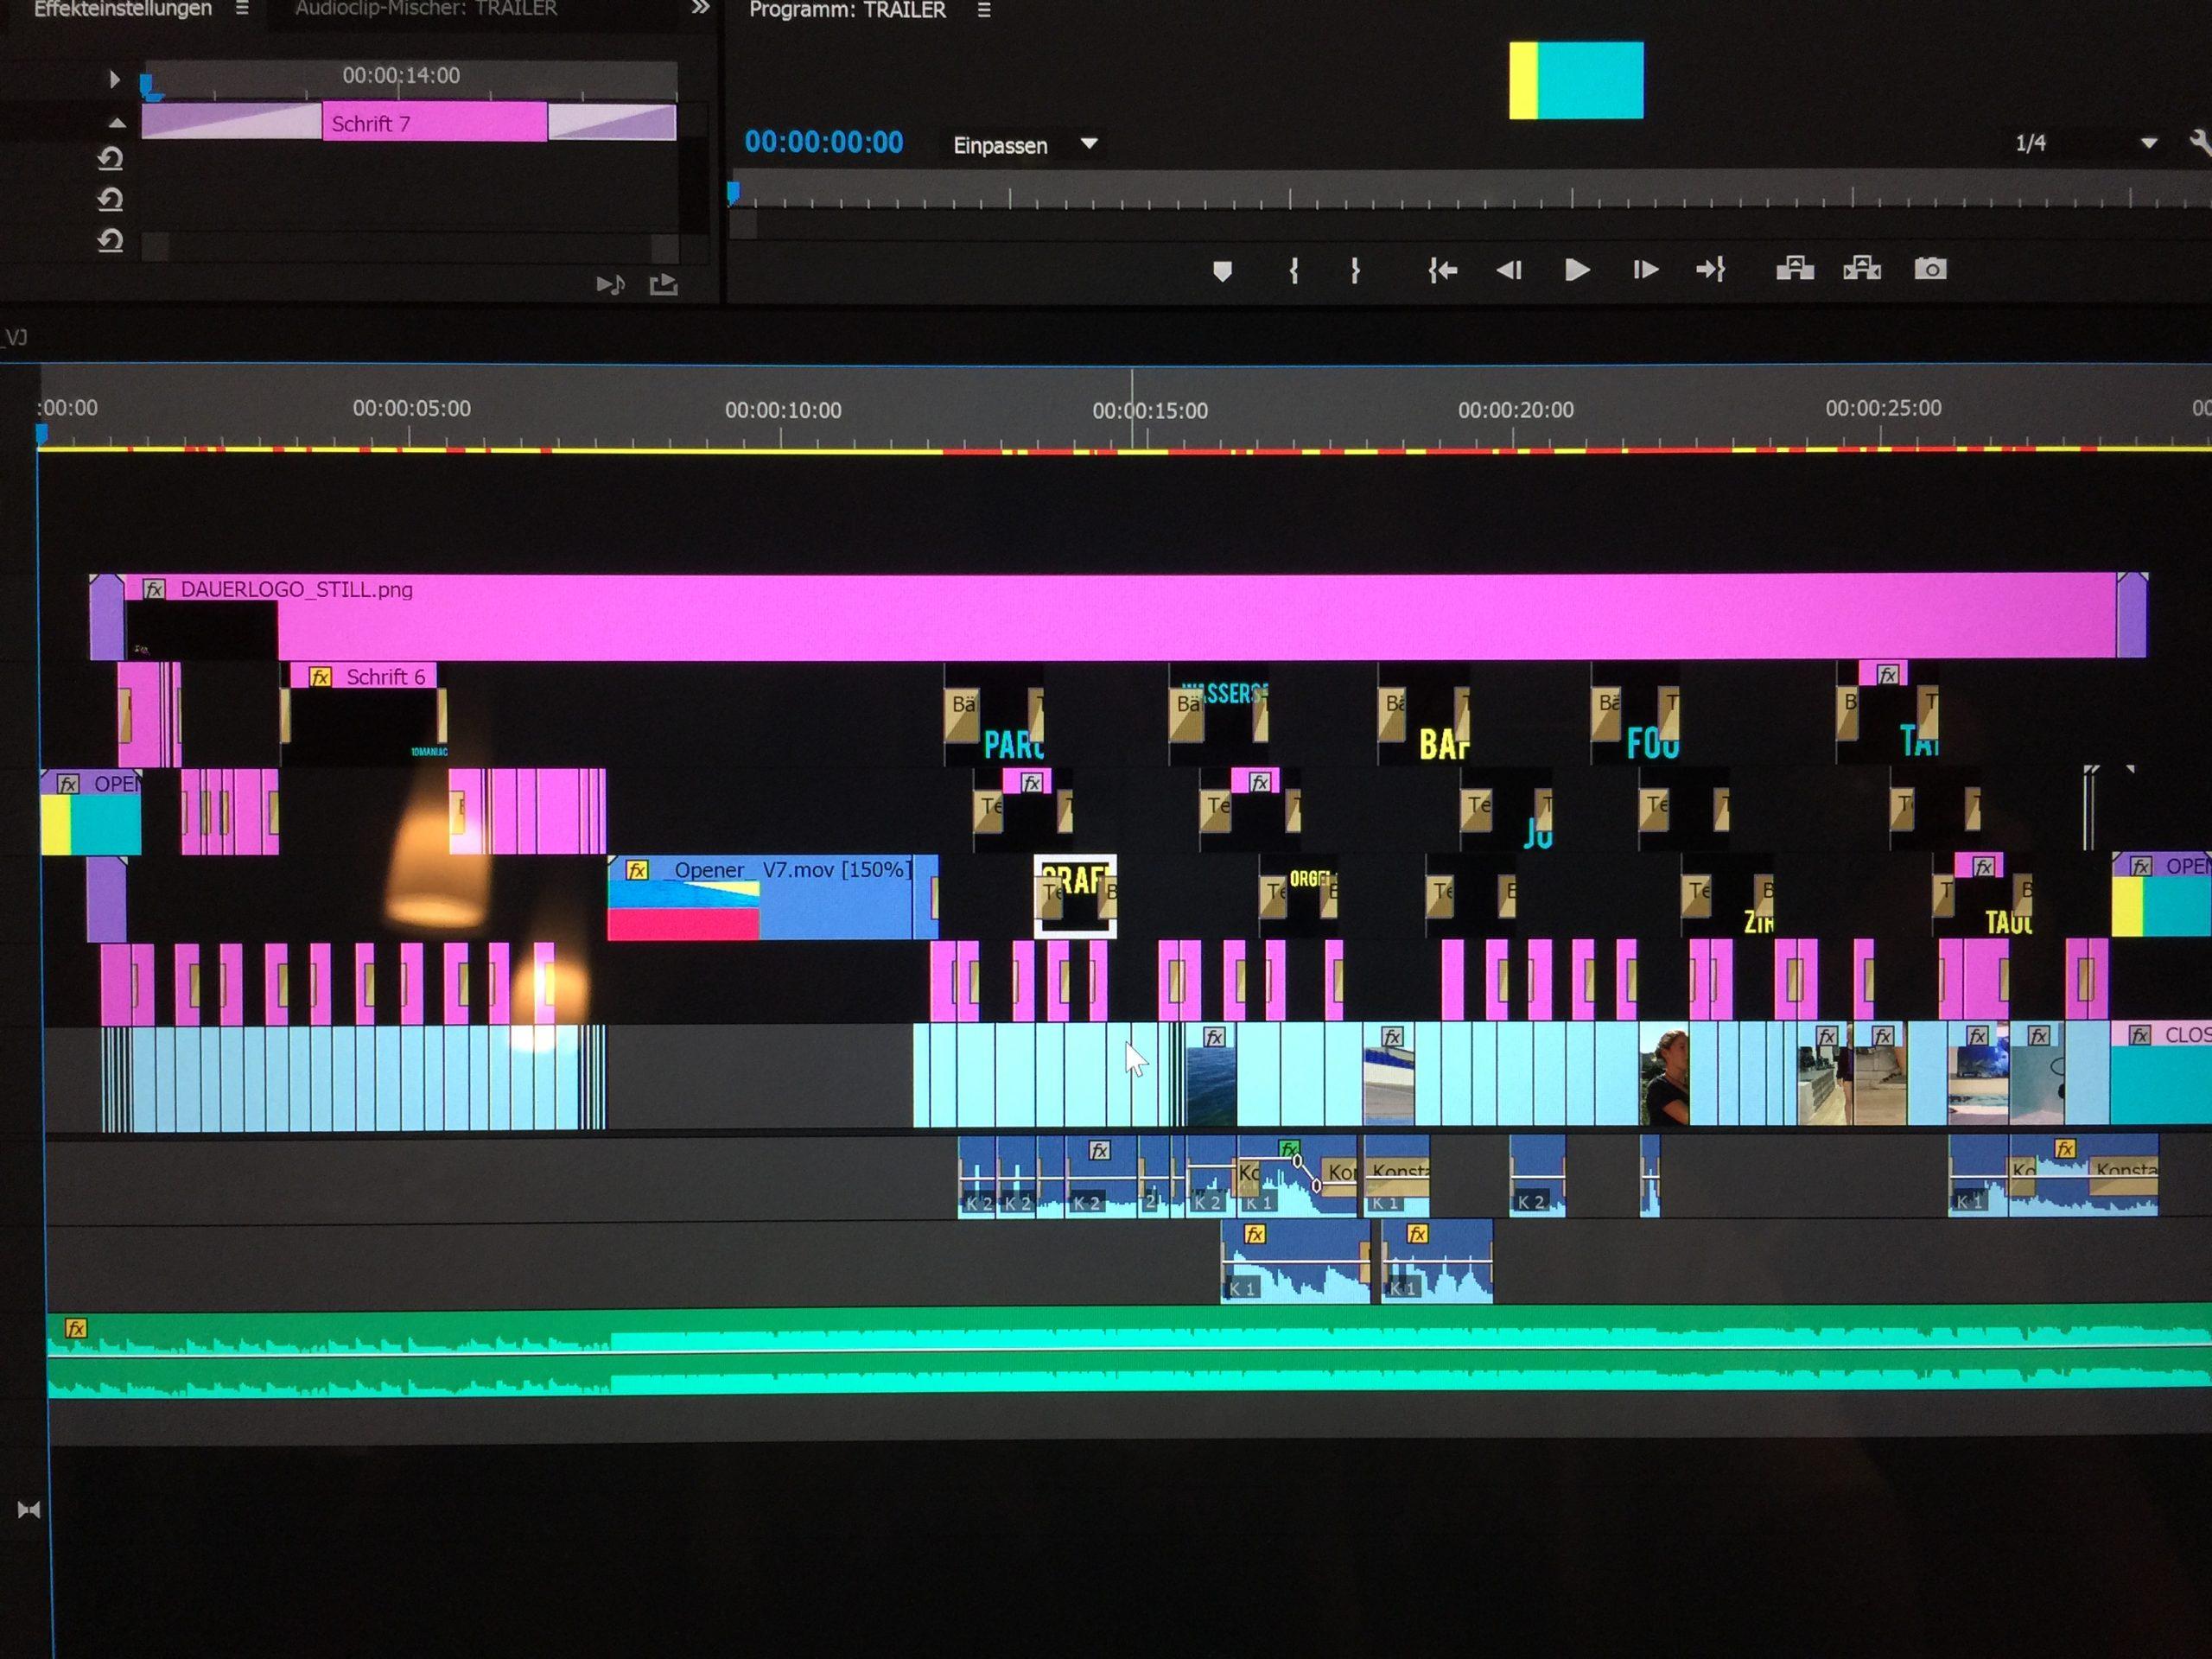 So schaut der Trailer im Schnittprogramm aus (Premiere Pro)